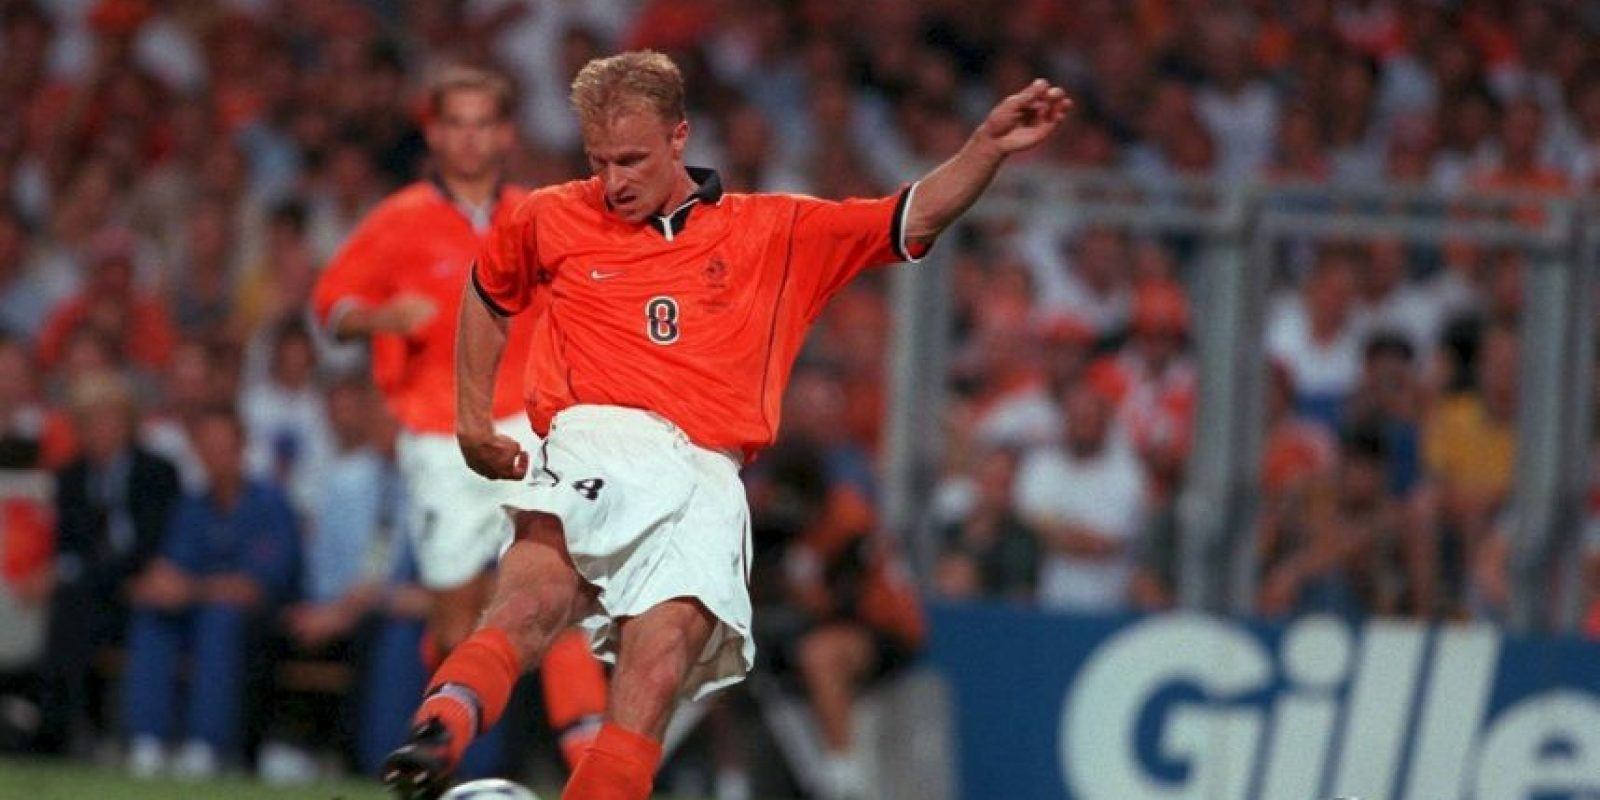 Otro de los grandes jugadores holandeses que nunca pudo ganar un título con su selección. Los éxitos que tuvo en Ajax y Arsenal no pudo reeditarlos por su selección, donde su mejor resultado fue un cuarto lugar en Francia 1998 y semifinales en la Eurocopa de 1992 y 2000 Foto:Getty Images